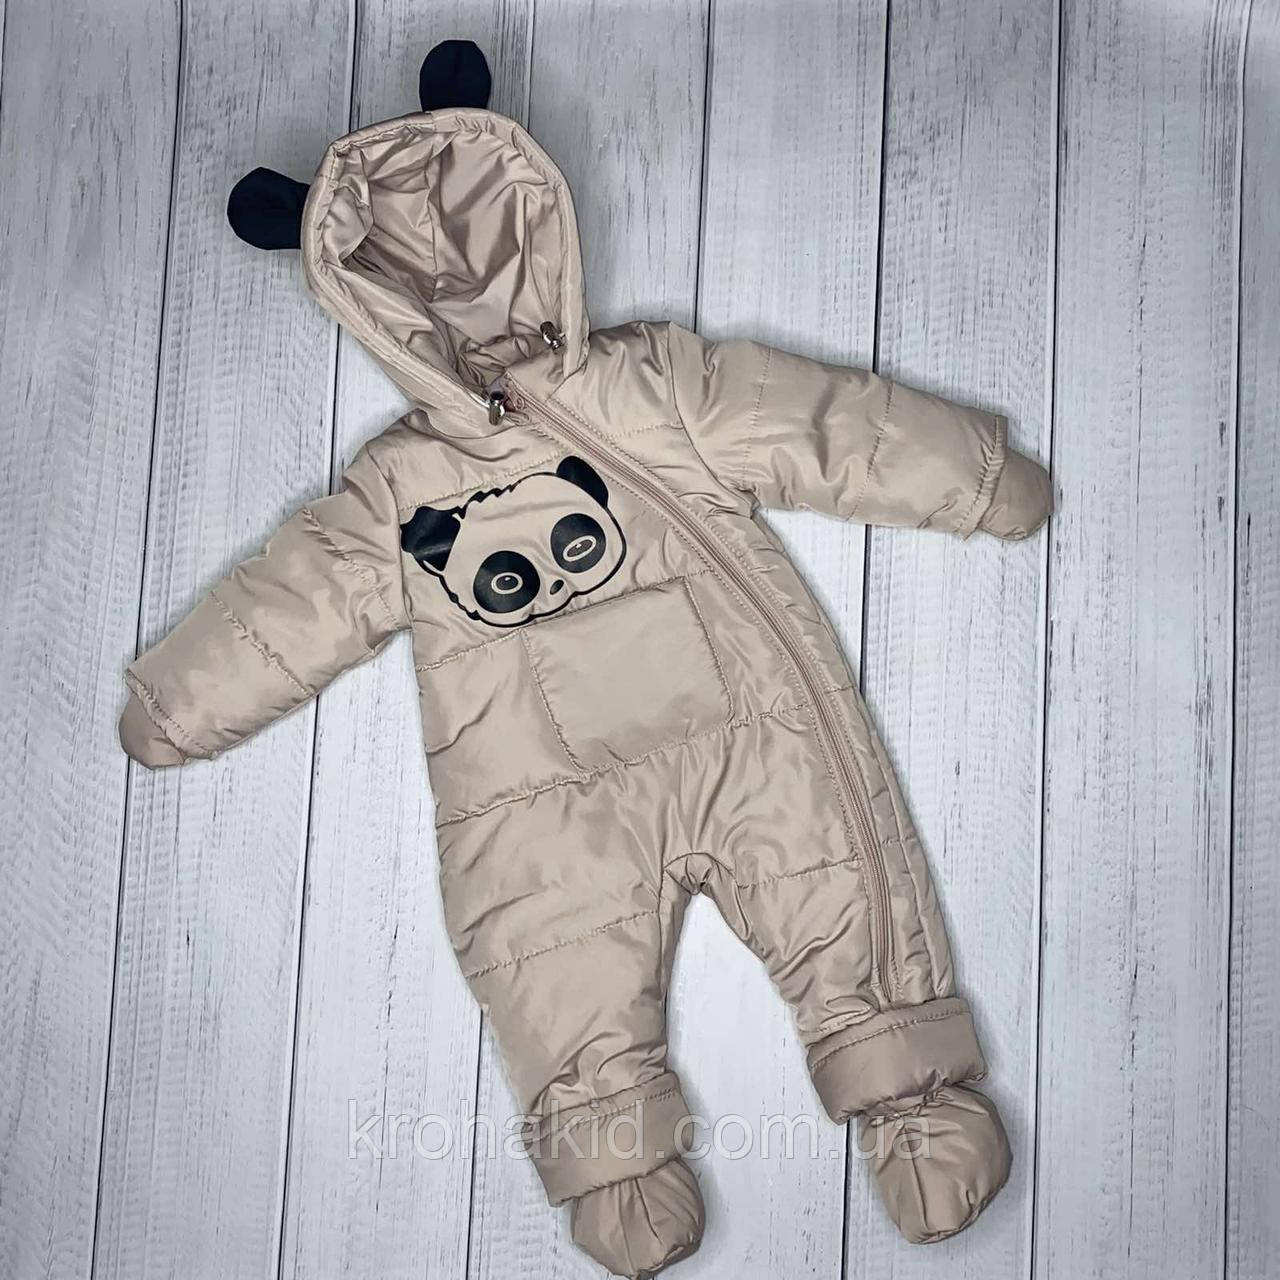 """Детский демисезонный  комбинезон """"Панда"""" 74 размера - осенне-весенний комбинезон для деток от 6 до 12 мес"""